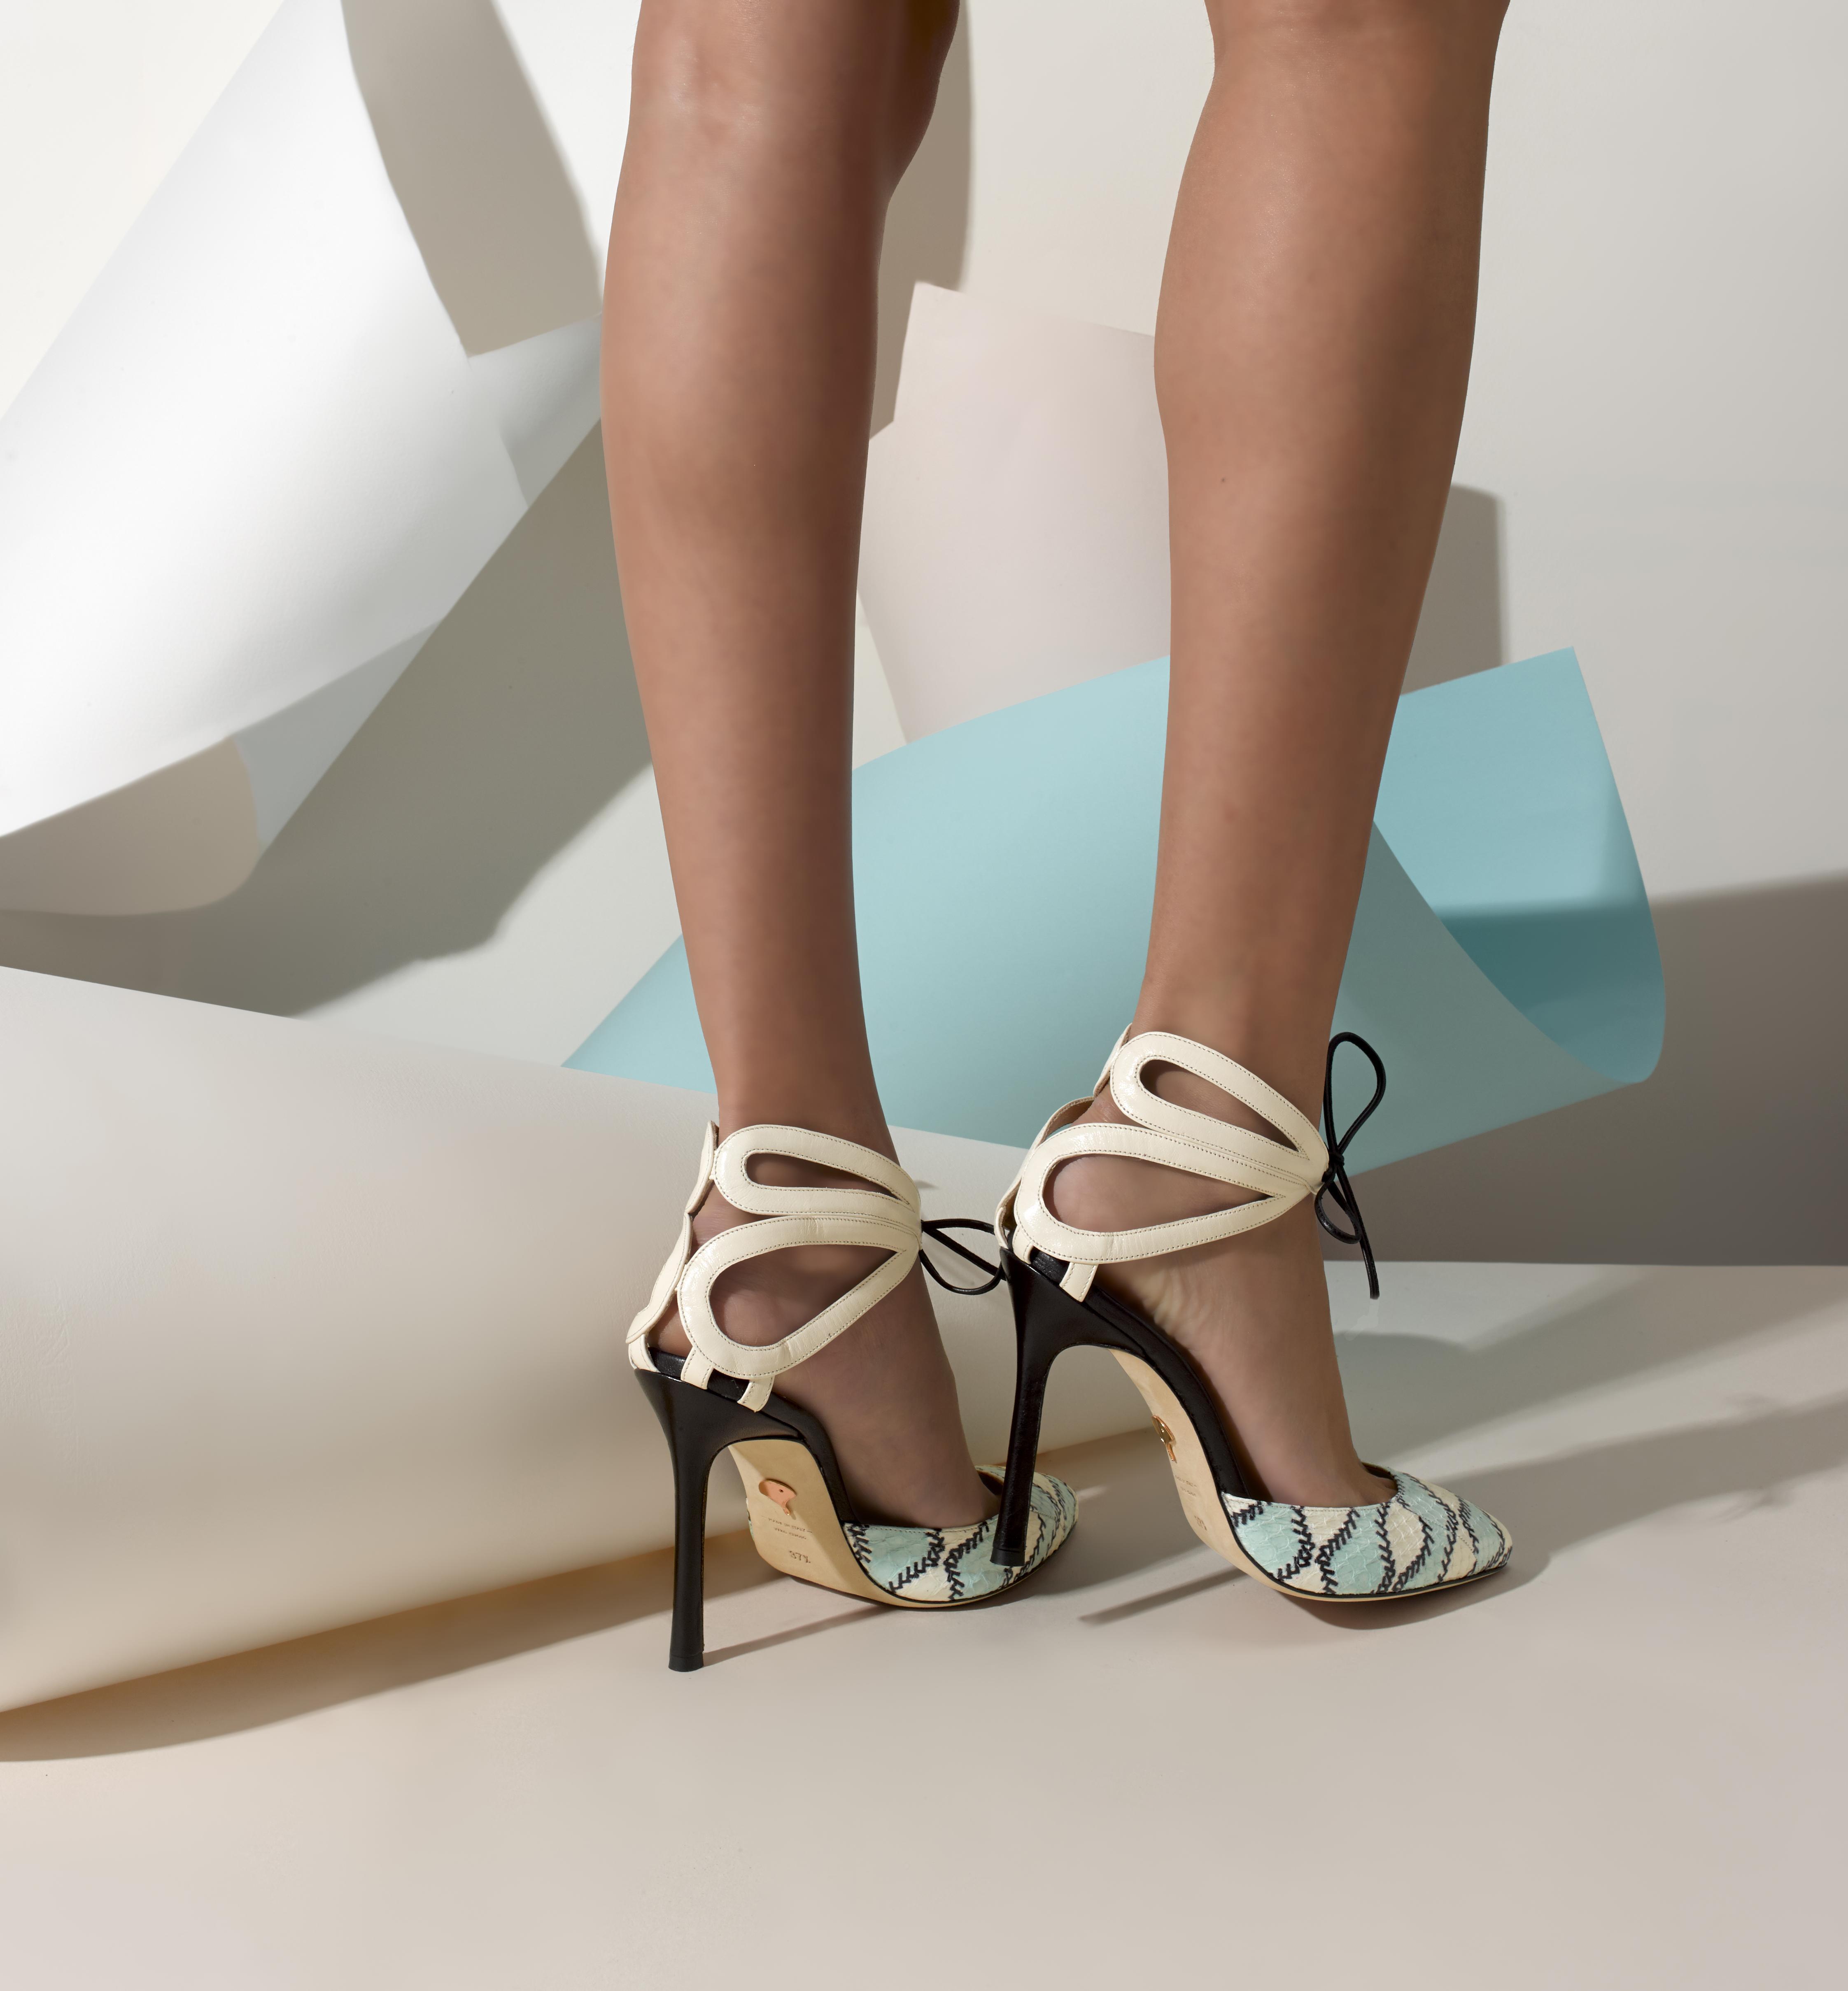 chaussures-de-mode-chelsea-paris-collection-ss15-modele-aria